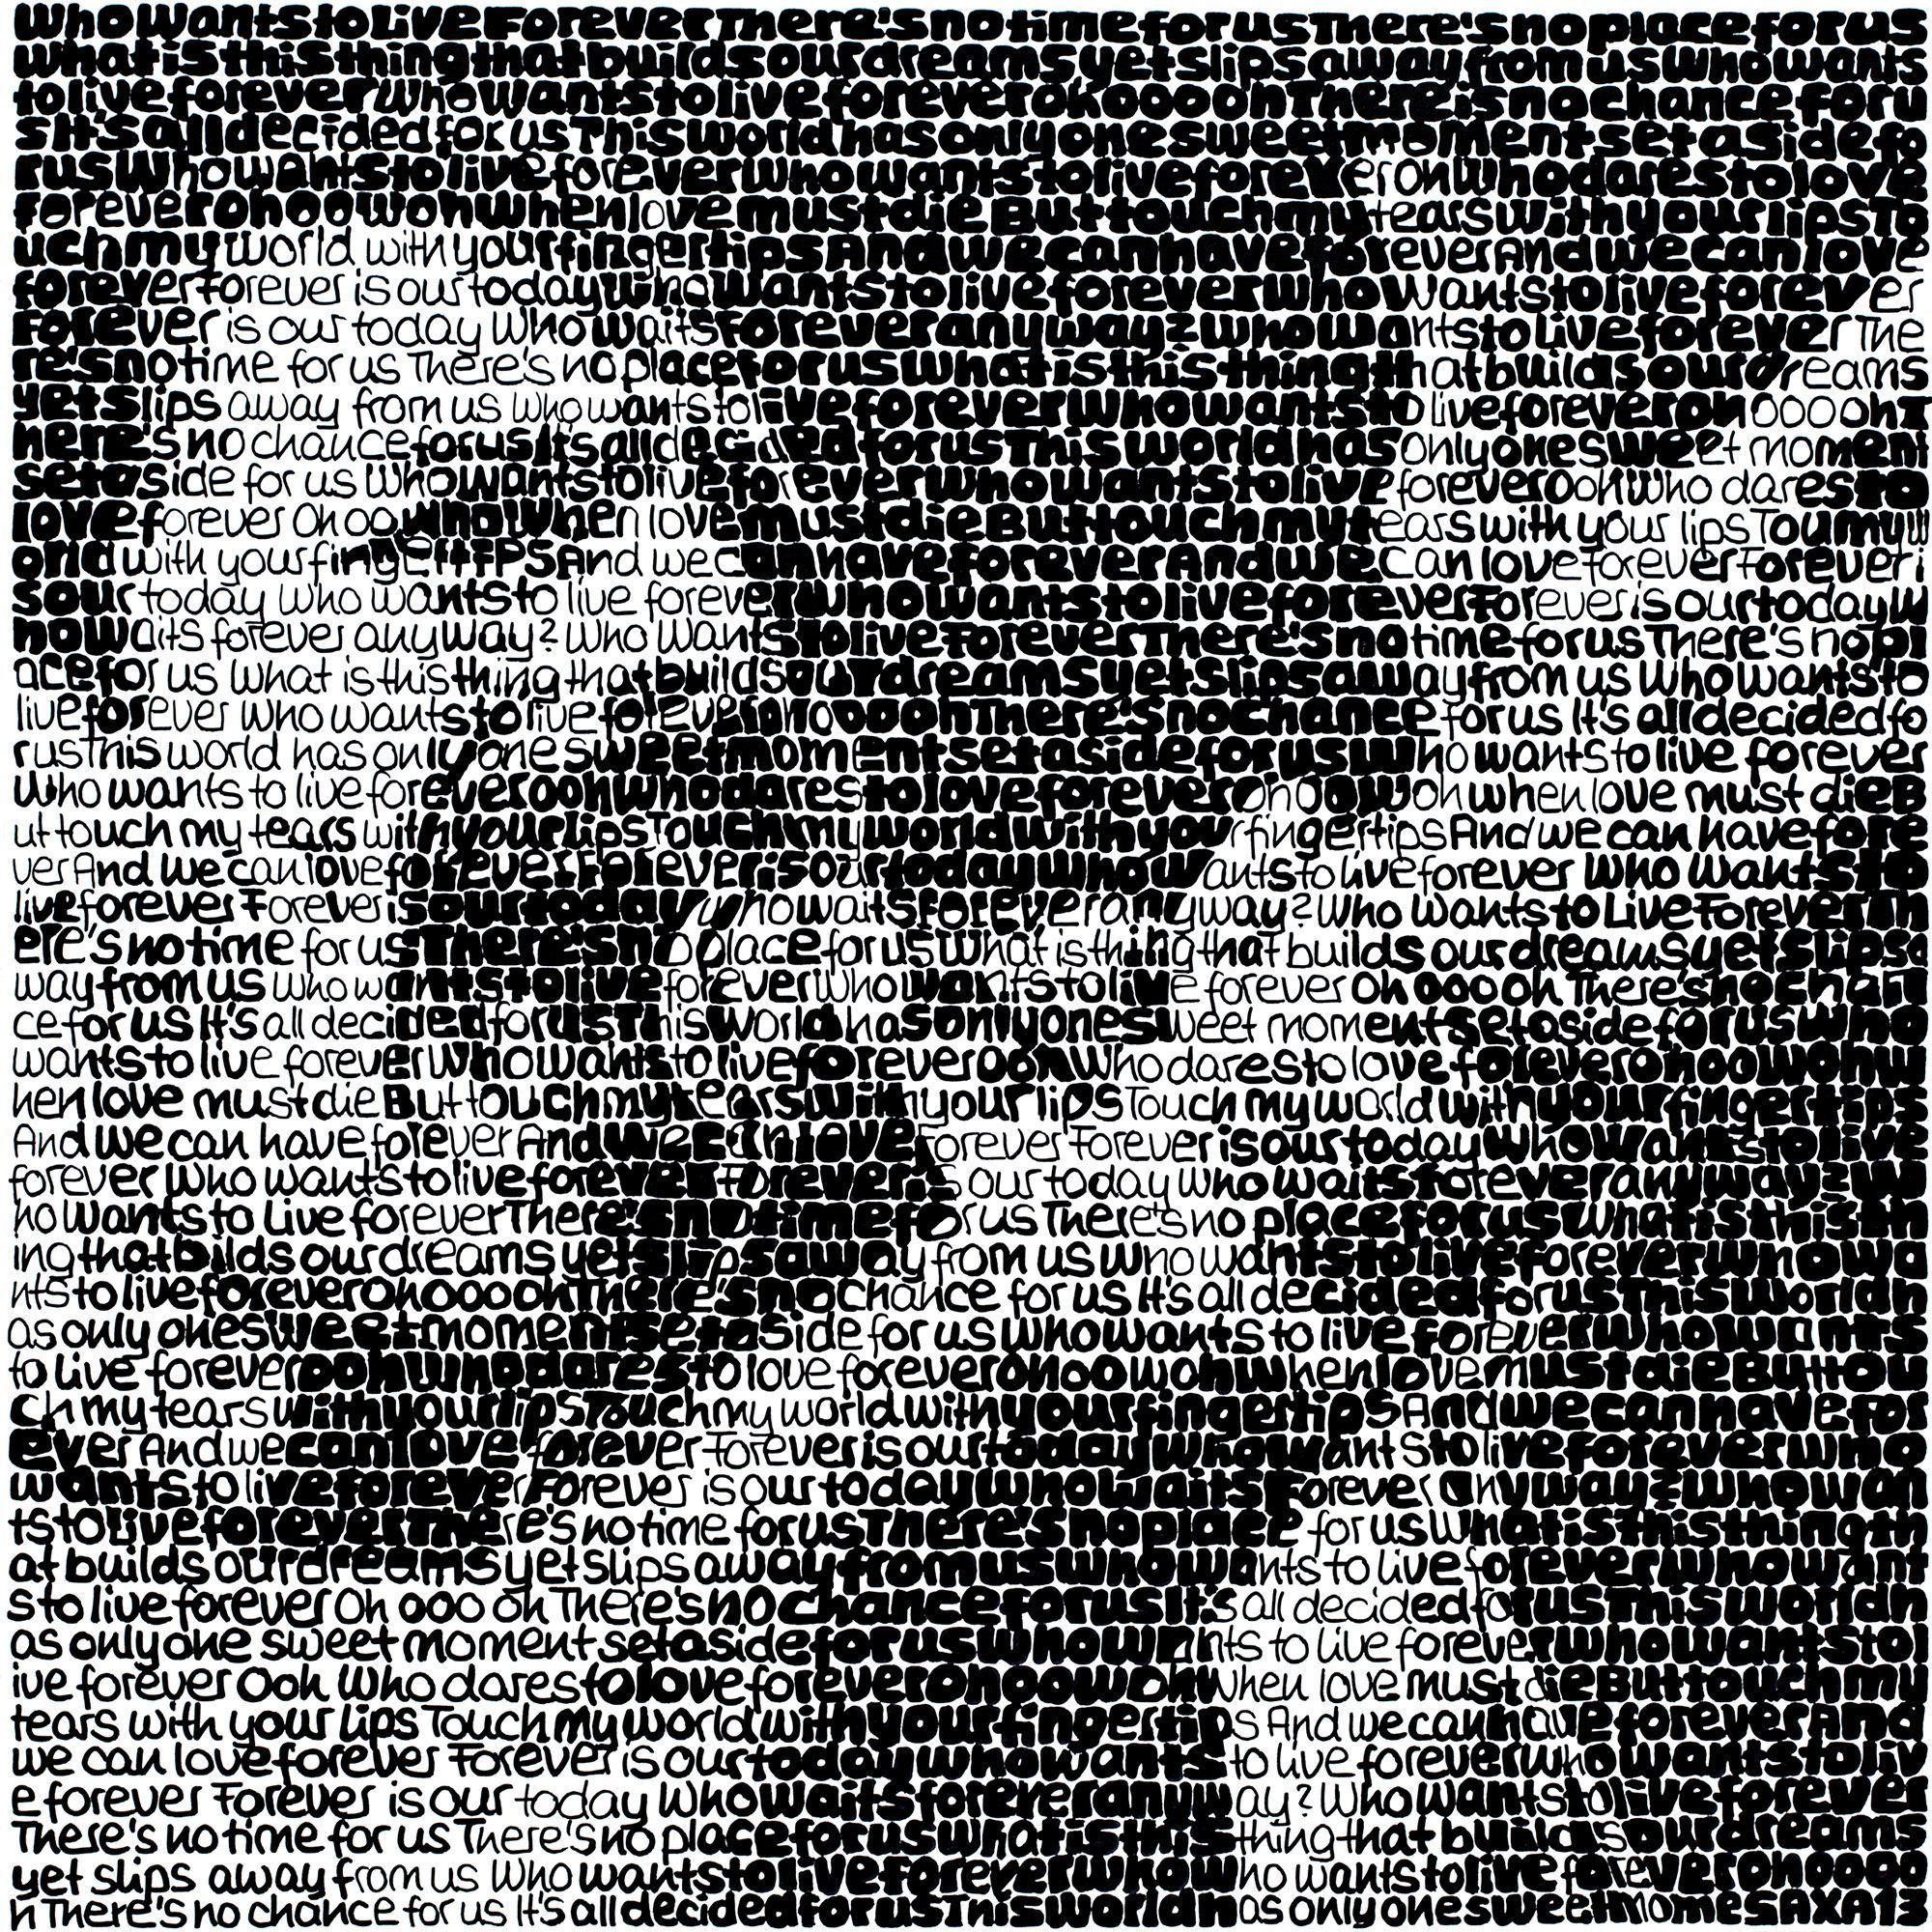 SAXA | Freddie Mercury #freddiemercuryquotes SAXA | Freddie Mercury #freddiemercuryquotes